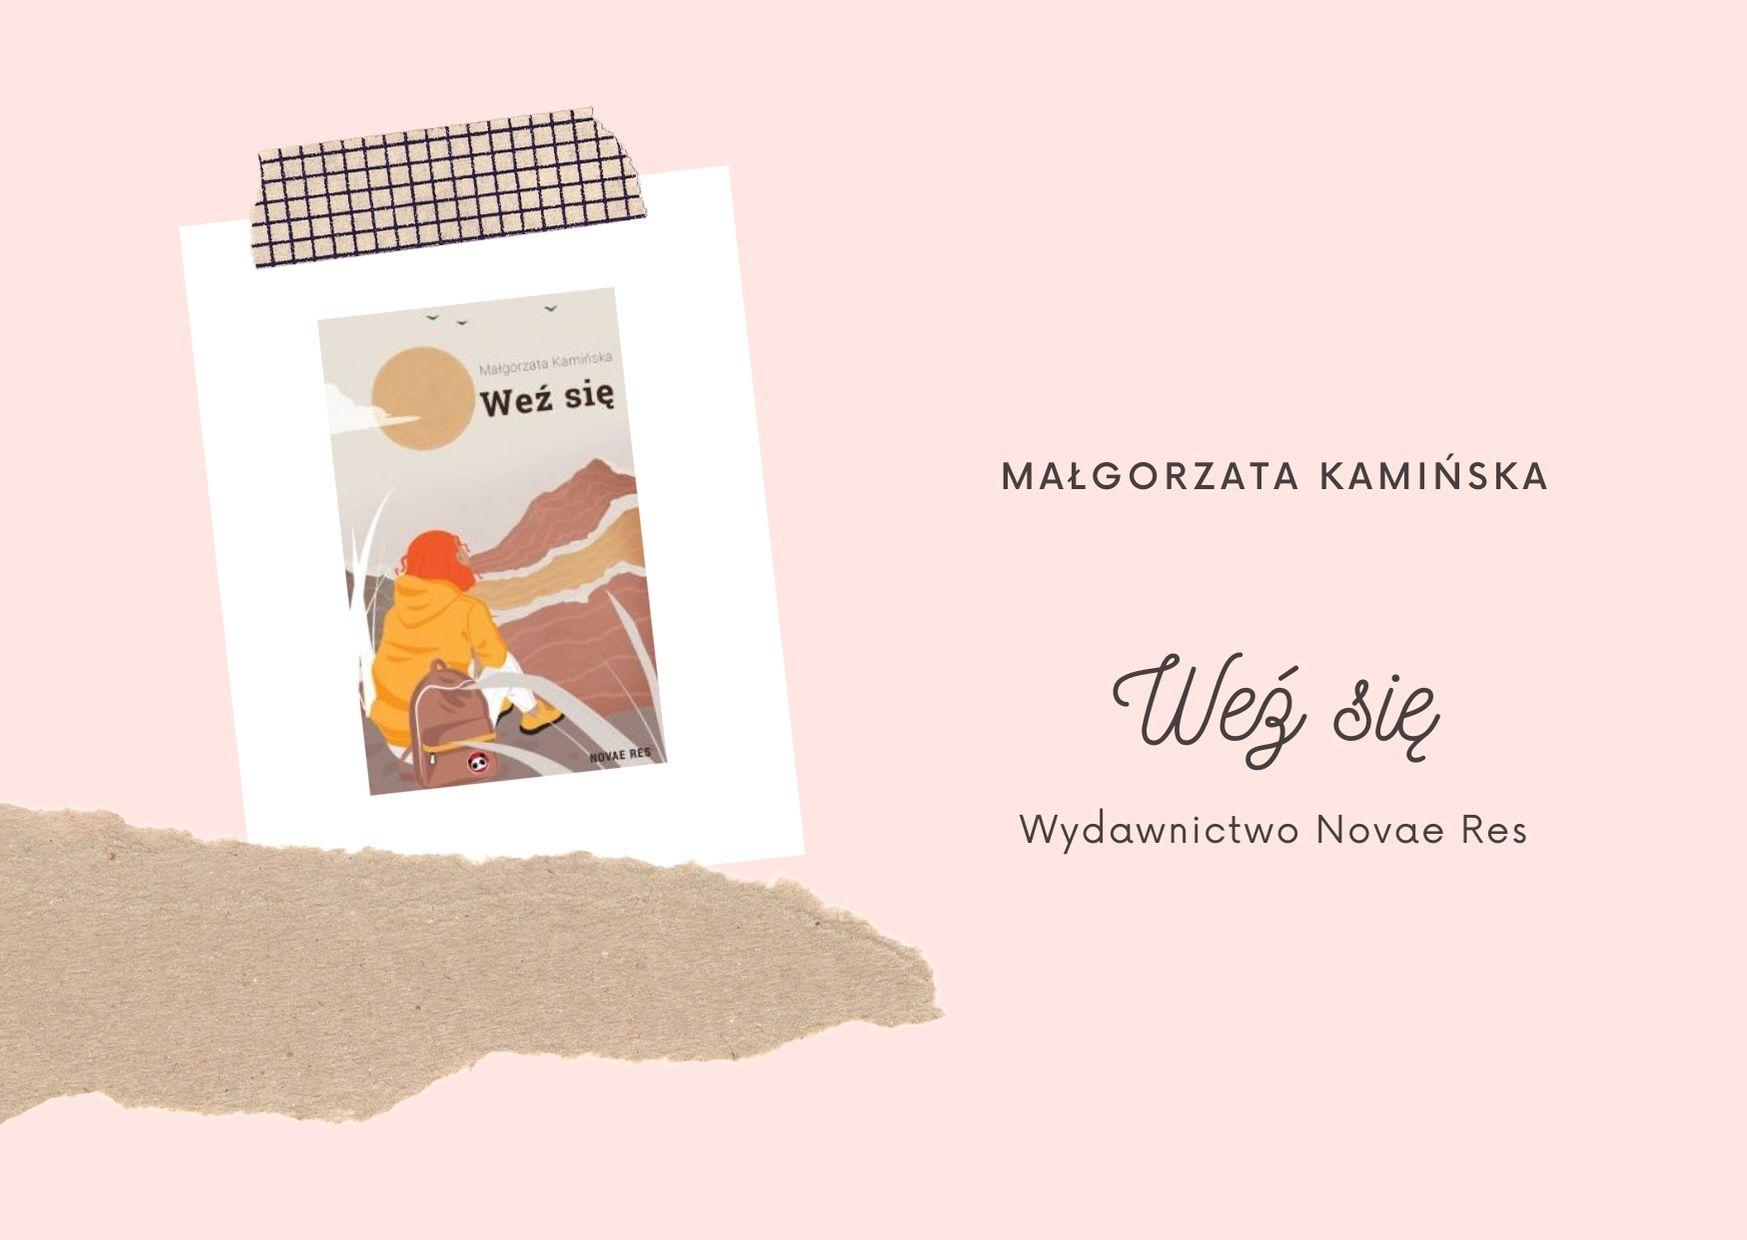 """Małgorzata Kamińska """"Weź się"""" od Wydawnictwa Novae Res – do wygrania w konkursie!"""